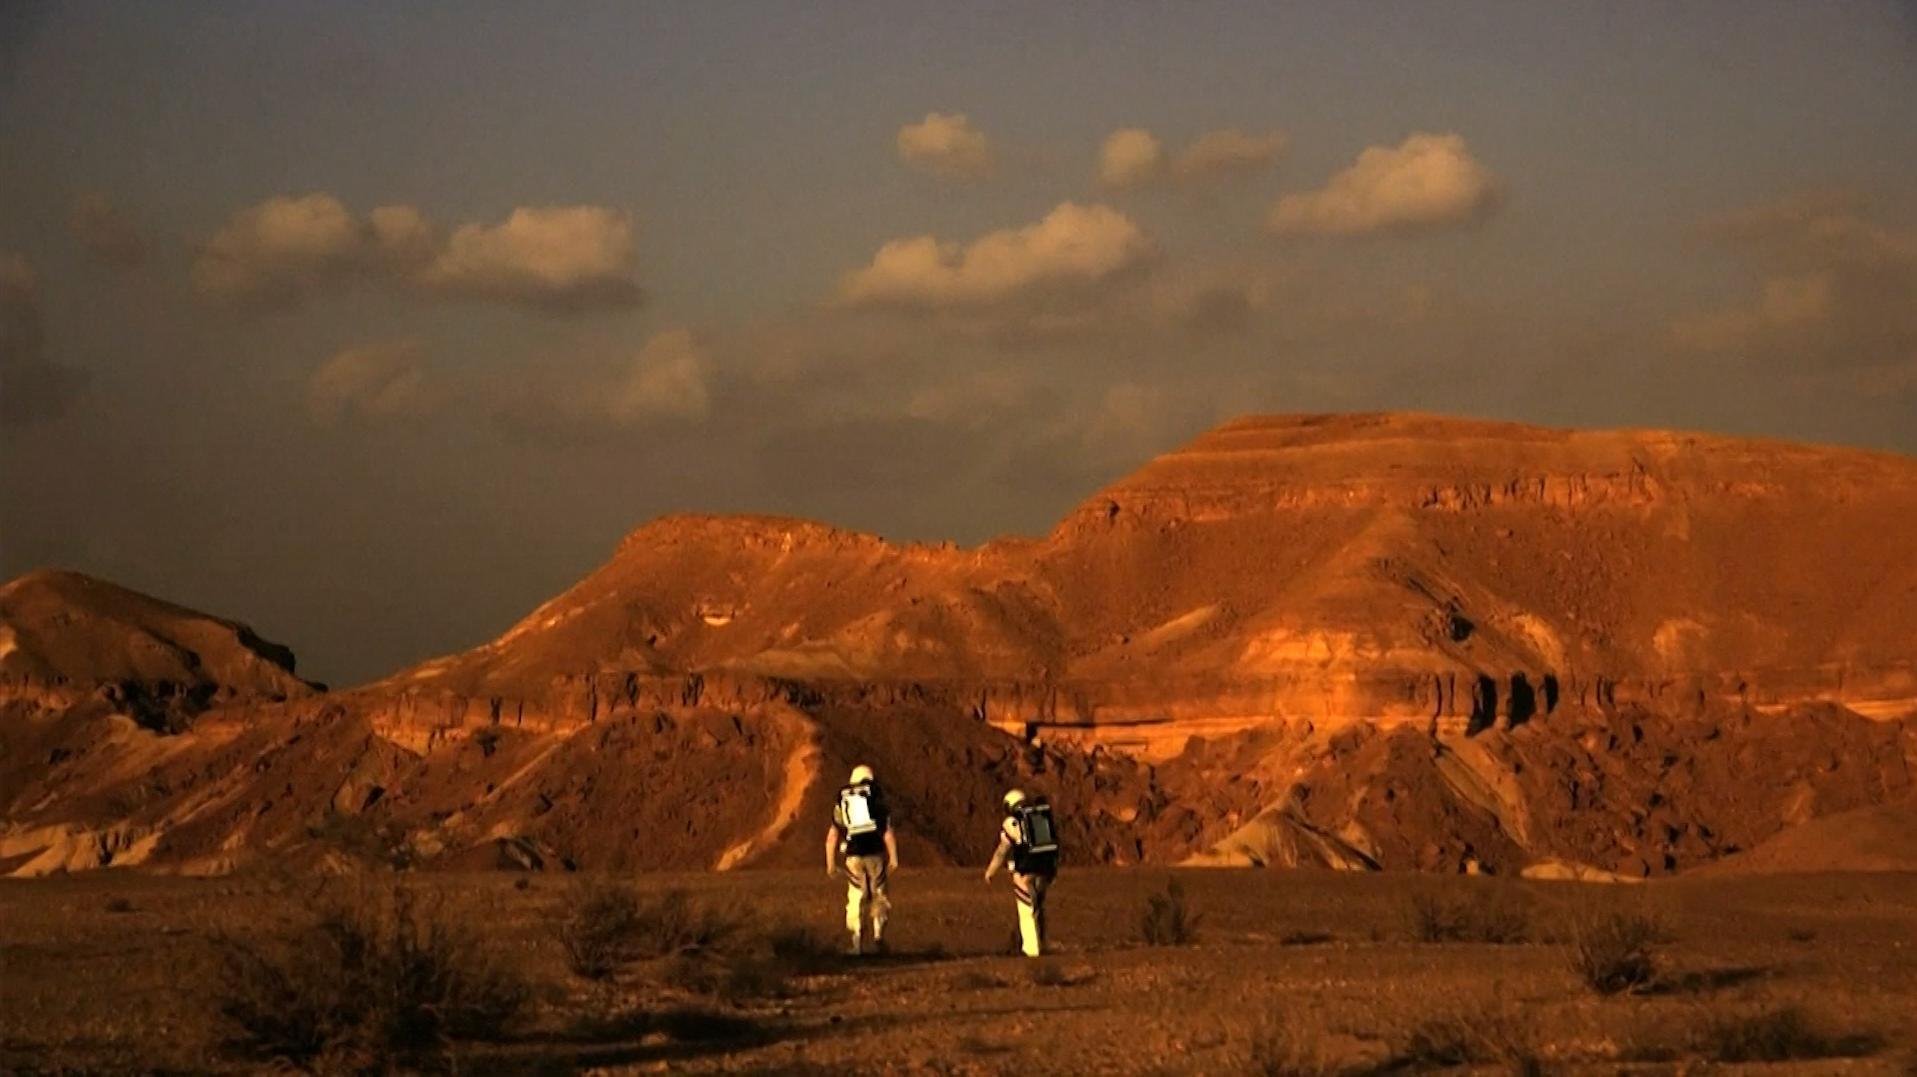 6 חוקרים ישראלים השלימו משימת מחקר שדימתה חיים על הכוכב במצפה רמון